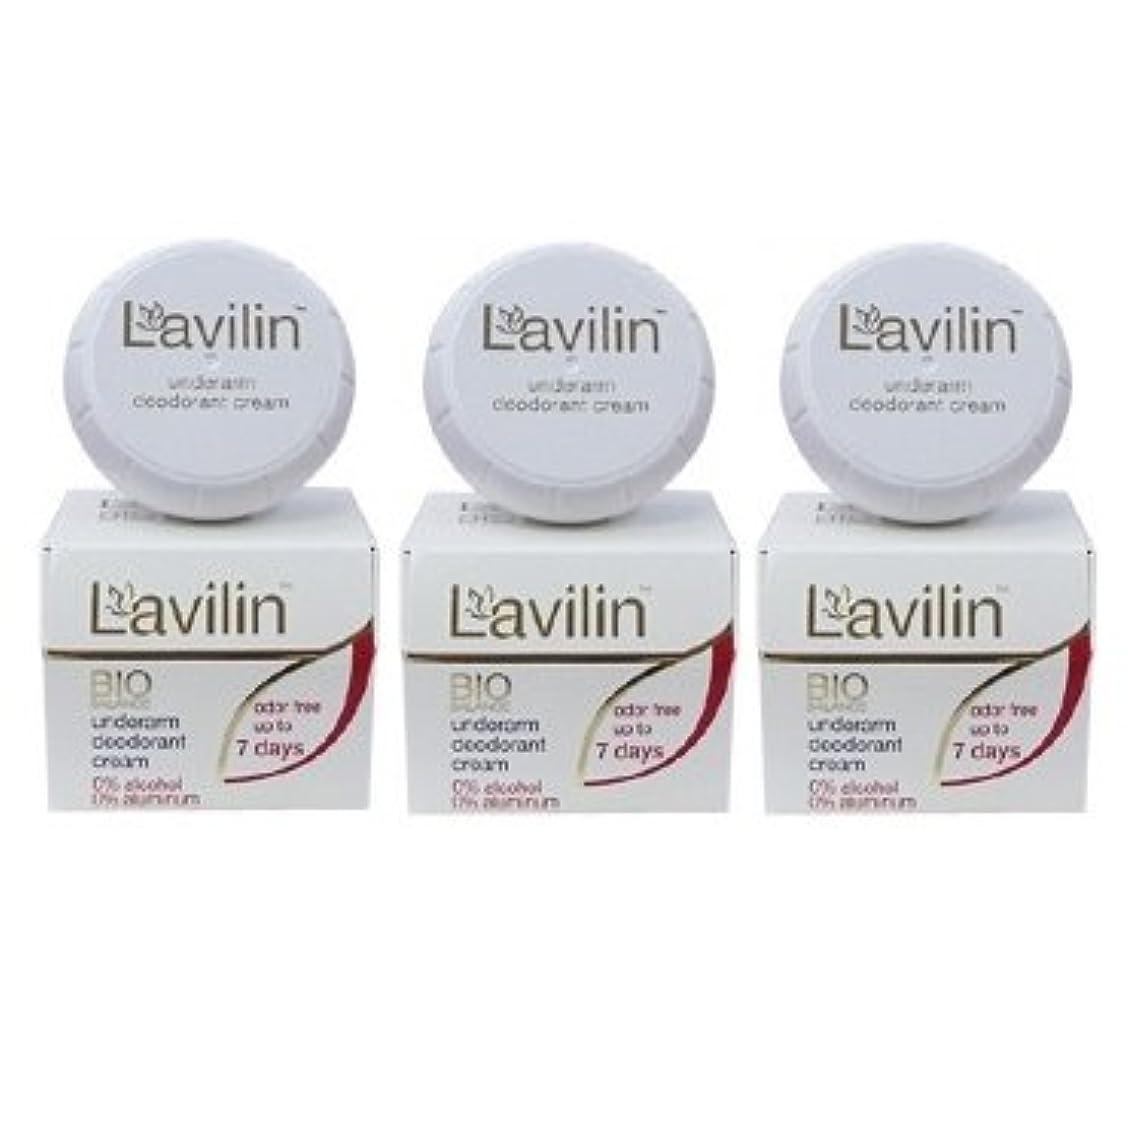 クラウド進化簡単に[3個セット][海外直送品][並行輸入品]ラヴィリン アンダーアームクリーム 12.5g(10cc) LAVILIN Under Arm